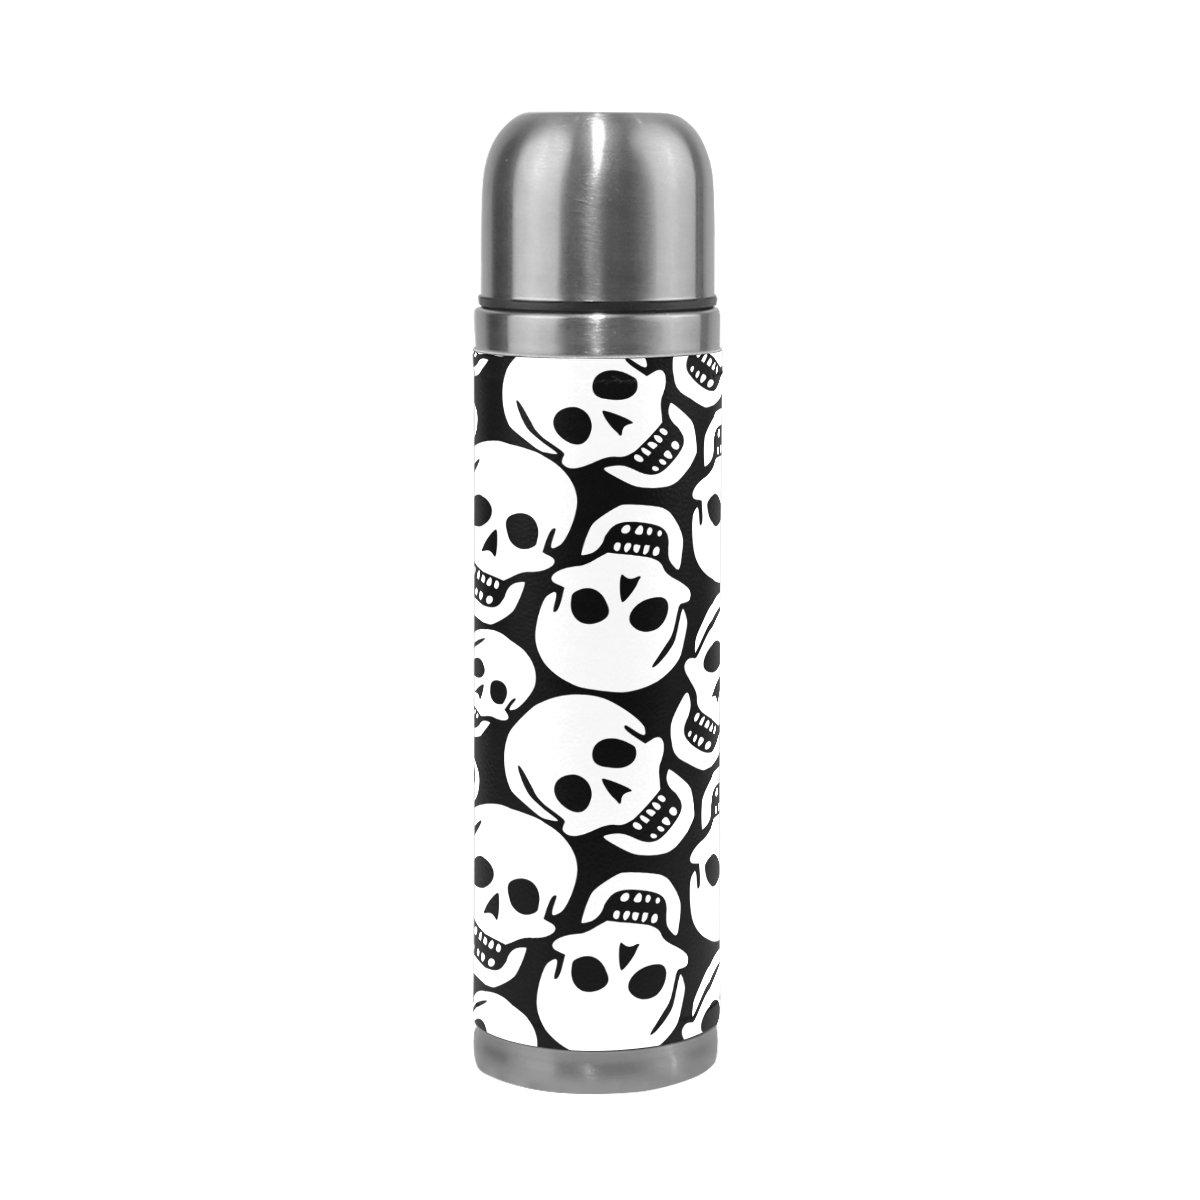 最安値に挑戦! Alaza Skullsダブルウォールウォーターボトルステンレス鋼真空断熱魔法瓶フラスコホットとコールド17 oz oz B075K9DXNK Alaza B075K9DXNK, カラスチョウ:4ba7ce83 --- a0267596.xsph.ru